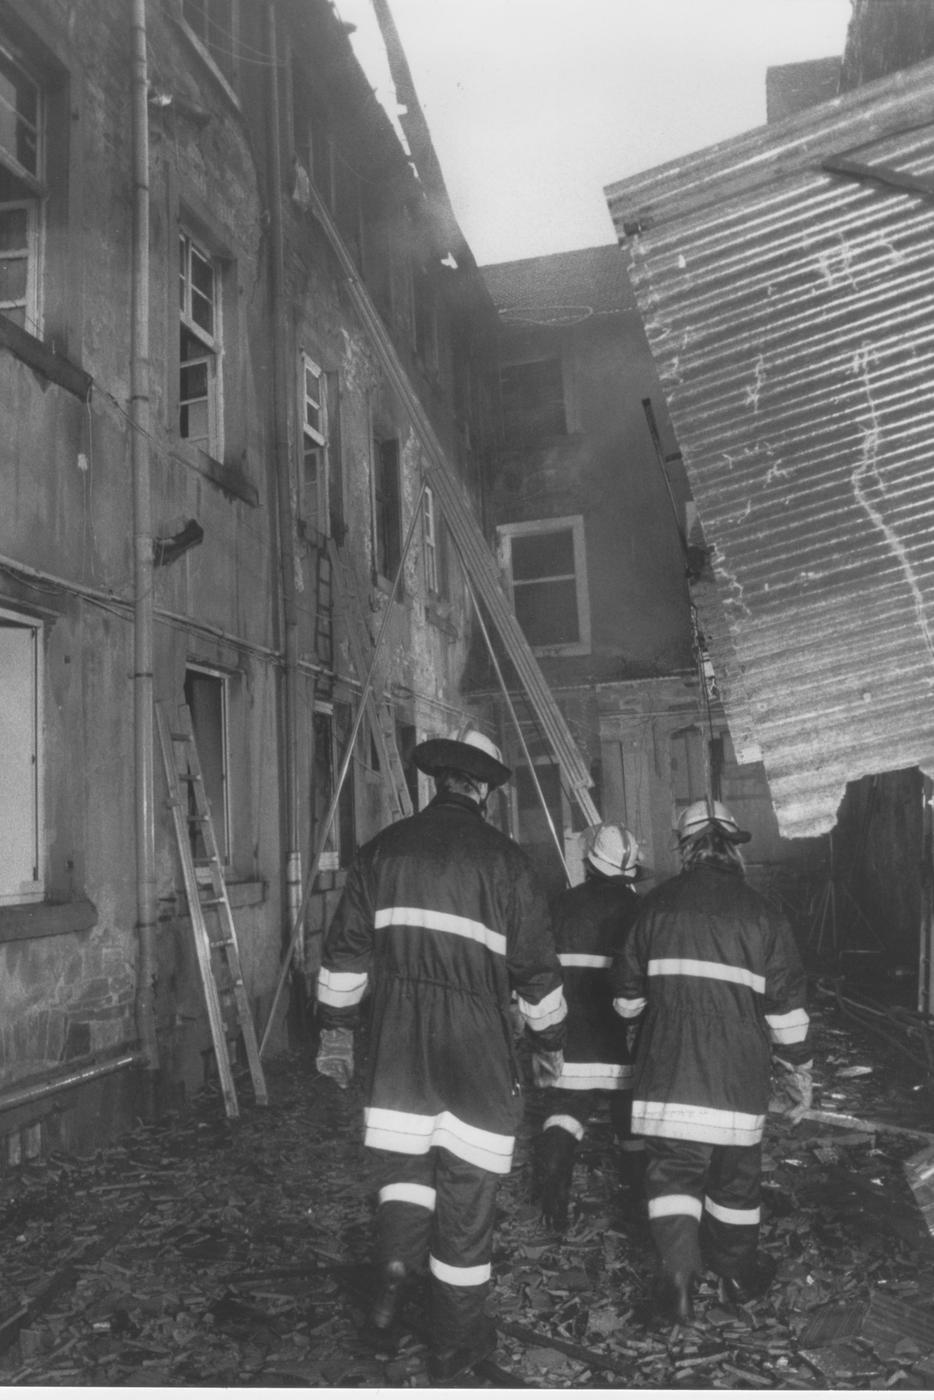 Tod im Hinterhof: Ein Mann kam zu Tode, als er einen waghalsigen Sprung nach unten wagte. Flammen und Rauch hatten ihm offenbar den Weg durchs Treppenhaus versperrt.